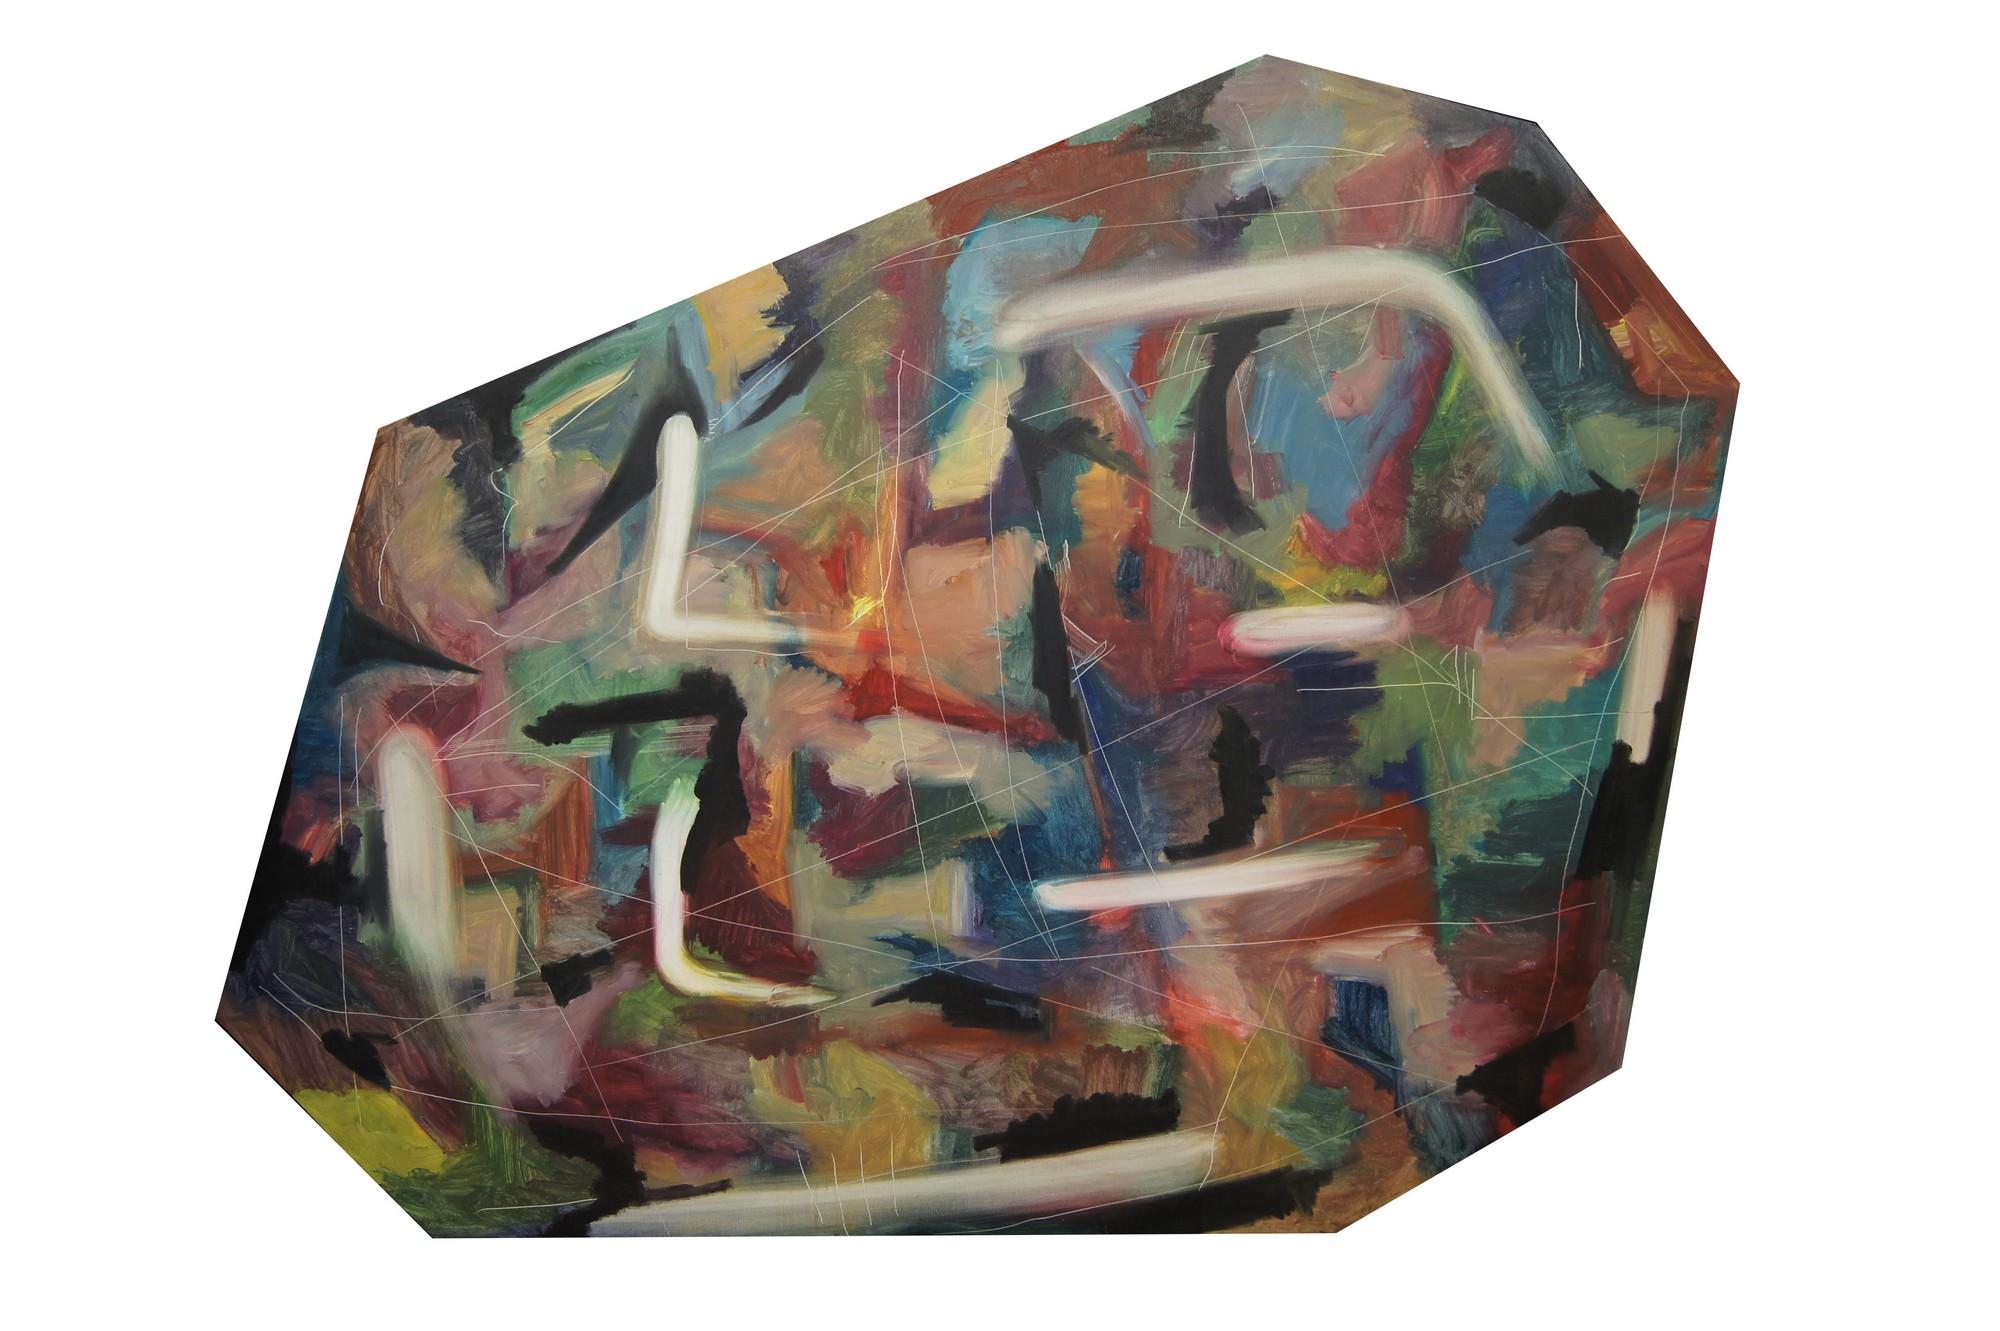 """Ziemowit Fincek, """"Kwiaty we włosach"""", 172x114 cm, olej na płótnie, 2014 (źródło: materiały prasowe)"""